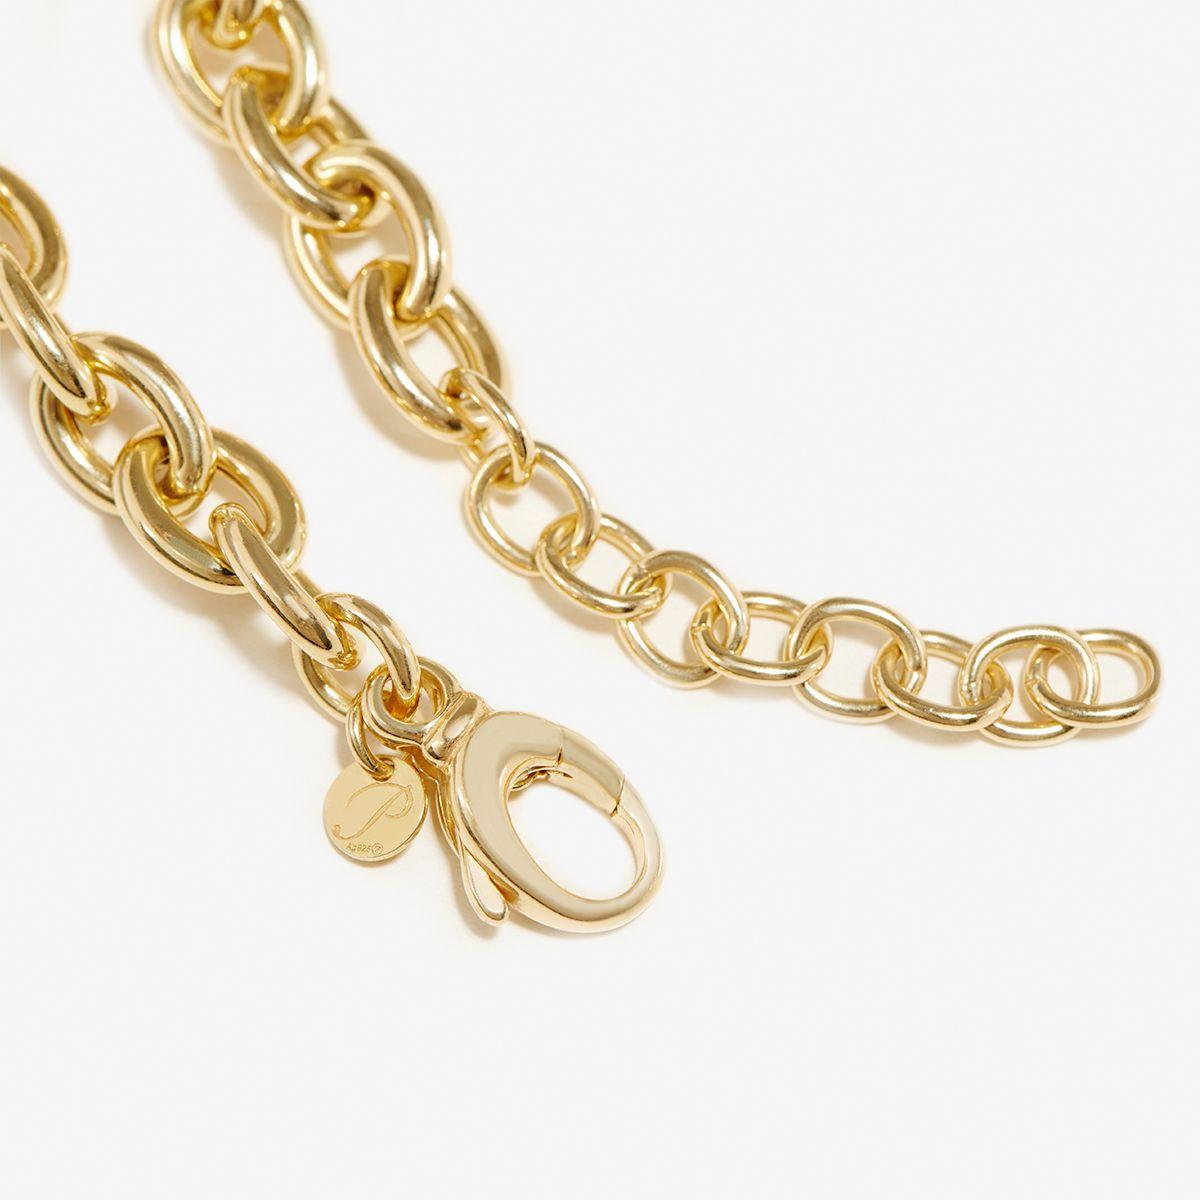 Hailey - Halsketten - 18k vergoldet